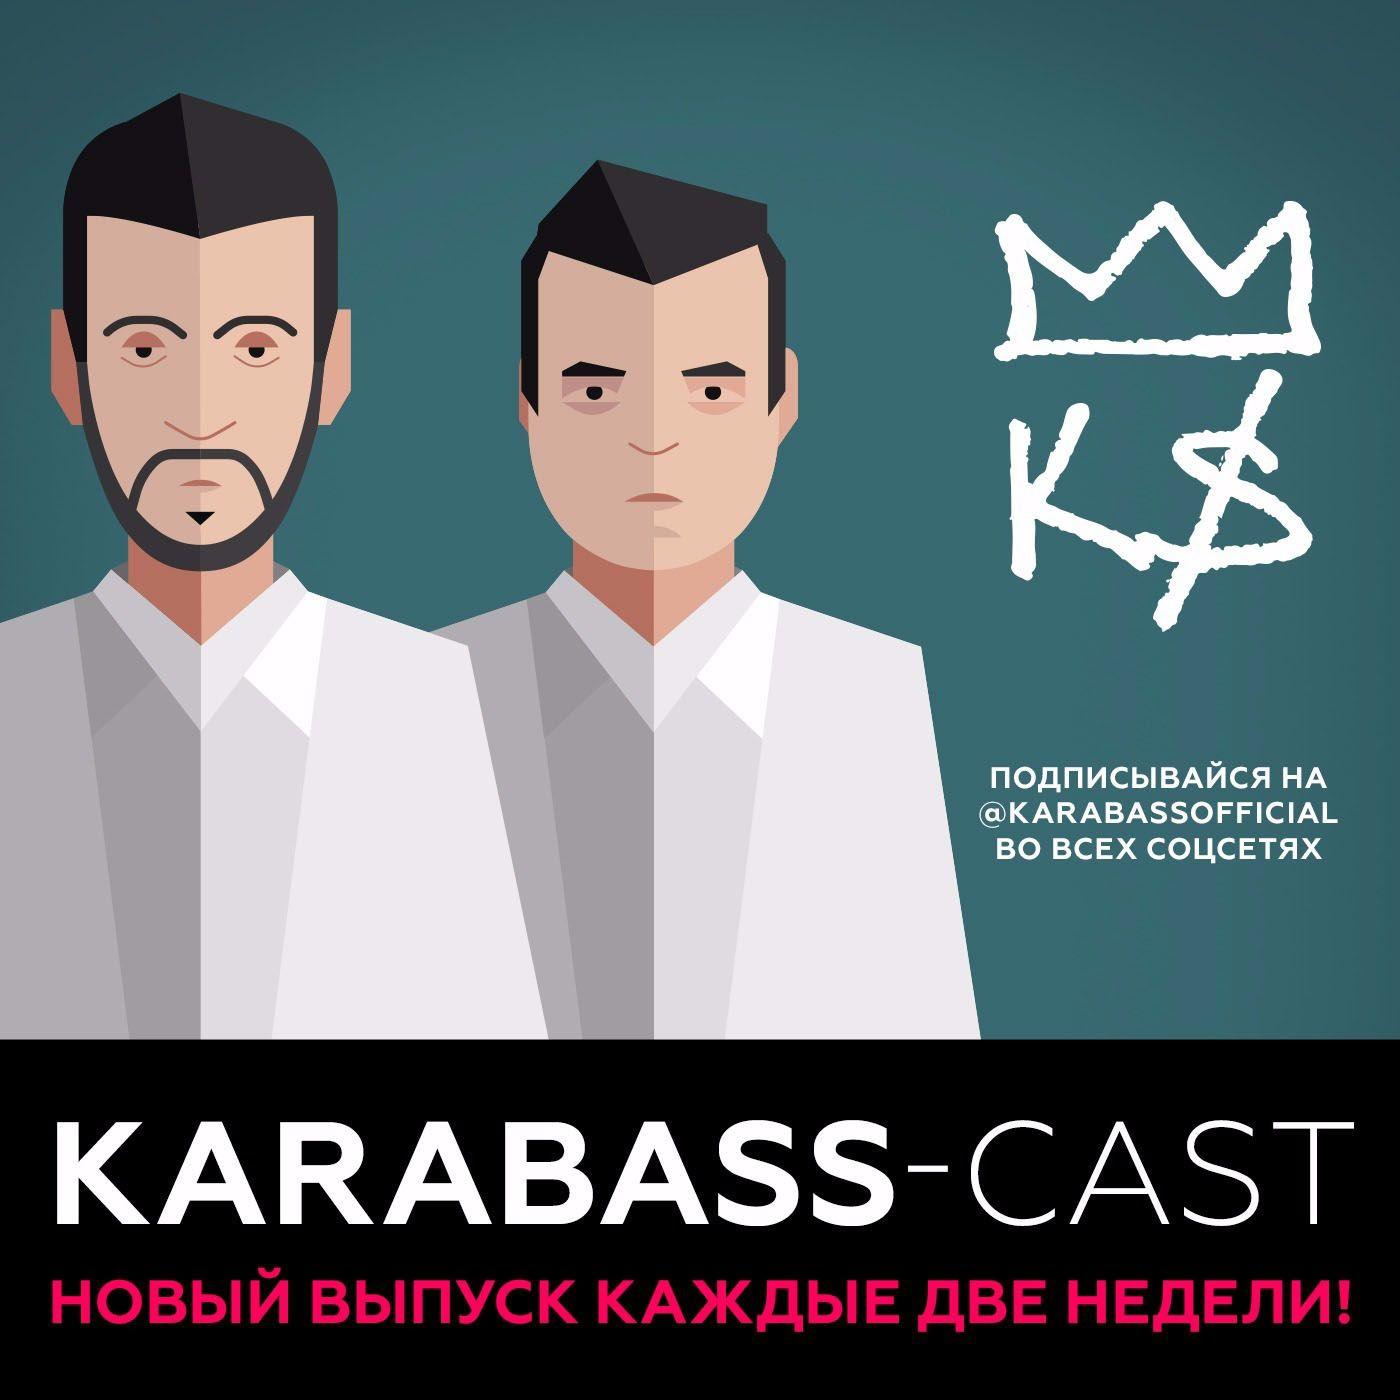 KARABASS-CAST